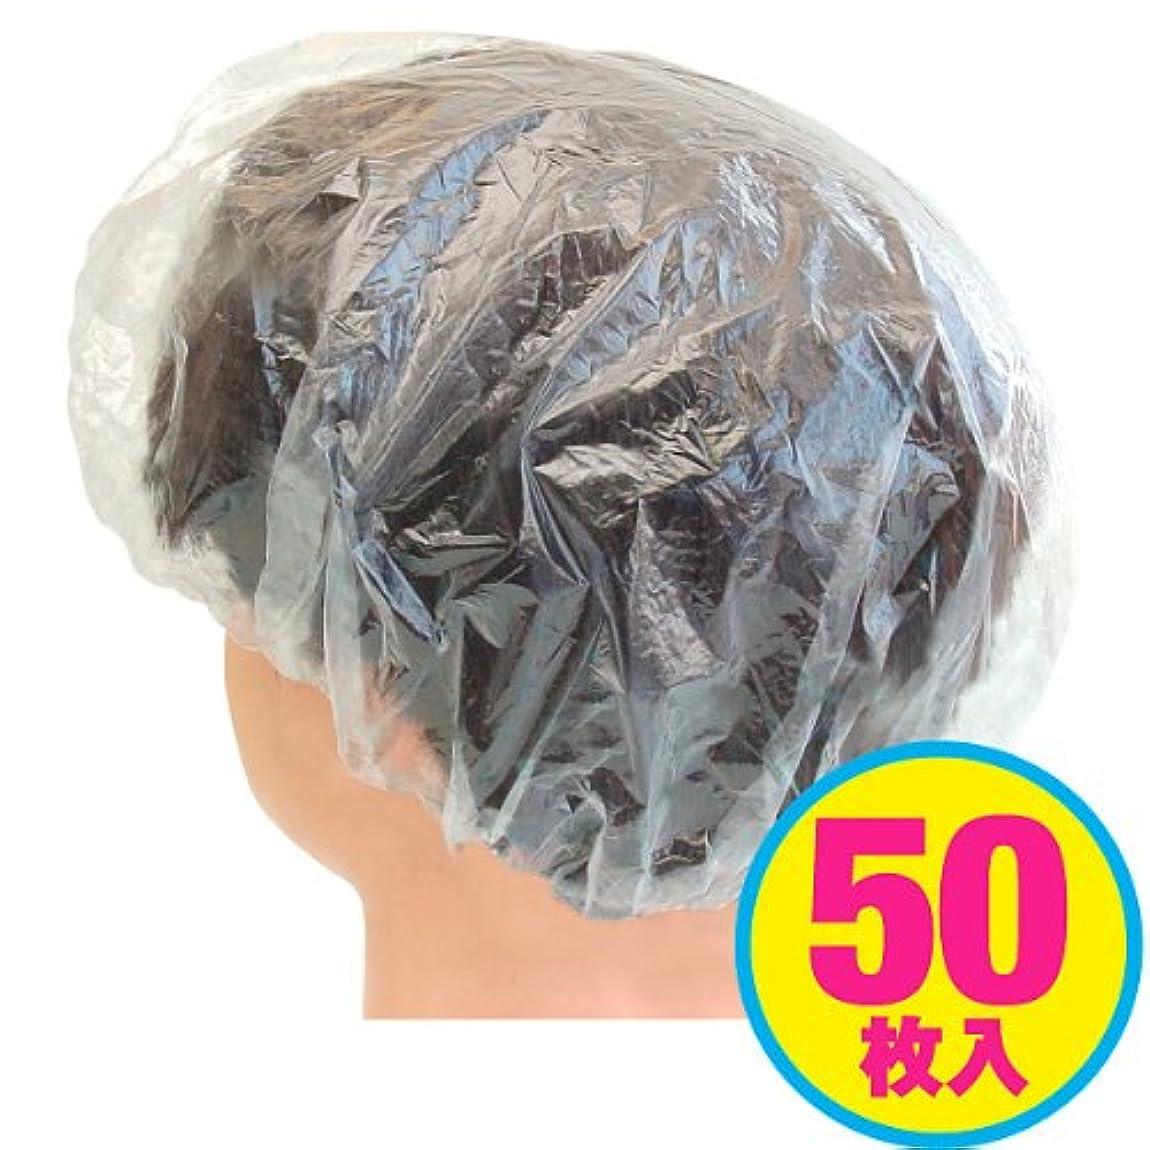 その後中国罹患率使い捨て【シャワーキャップ】業務用50枚入 ビニール製(個包装なので旅行用や、髪染めの際にも)